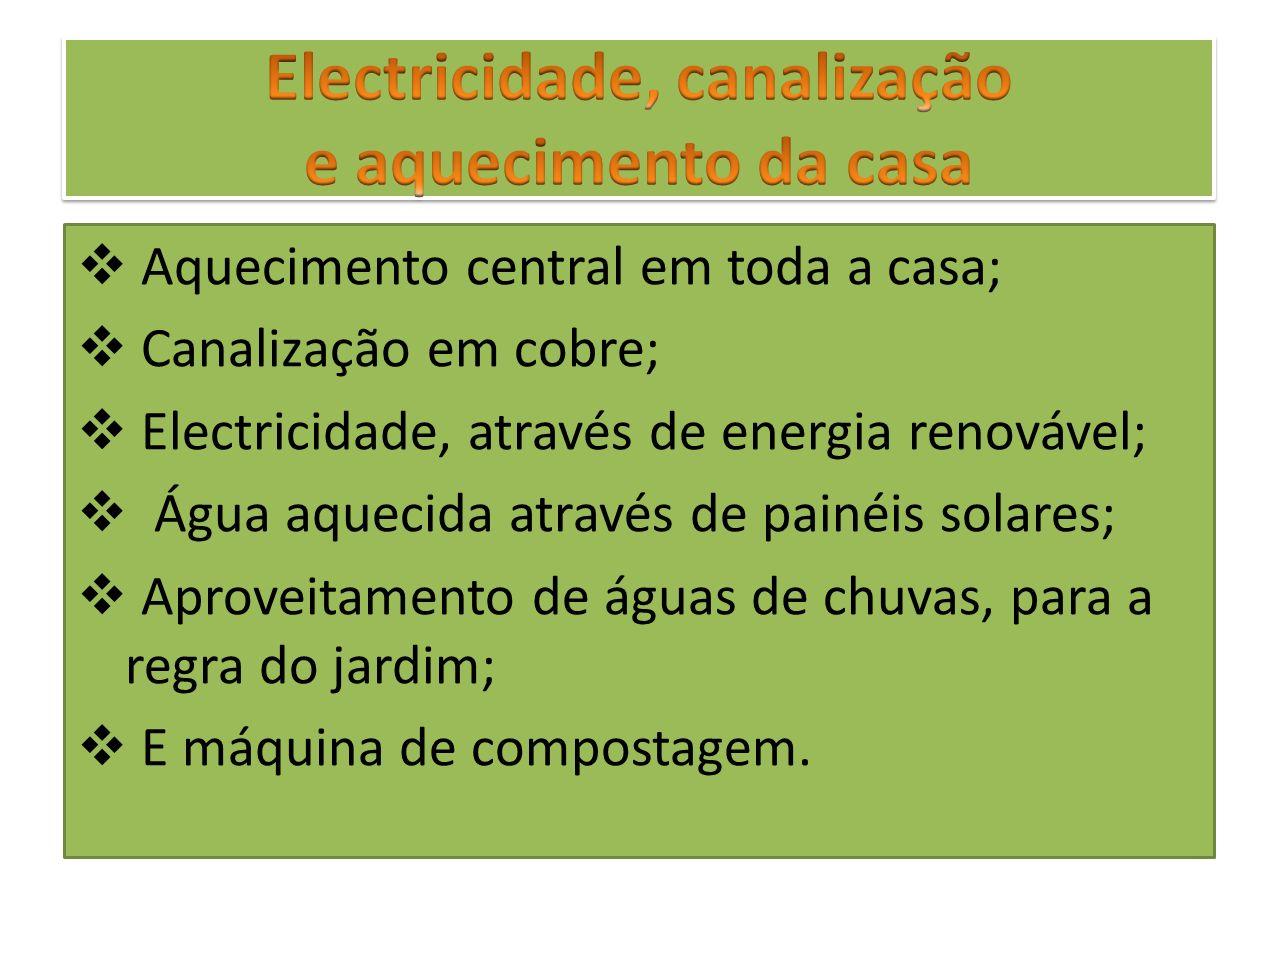 Aquecimento central em toda a casa; Canalização em cobre; Electricidade, através de energia renovável; Água aquecida através de painéis solares; Aprov